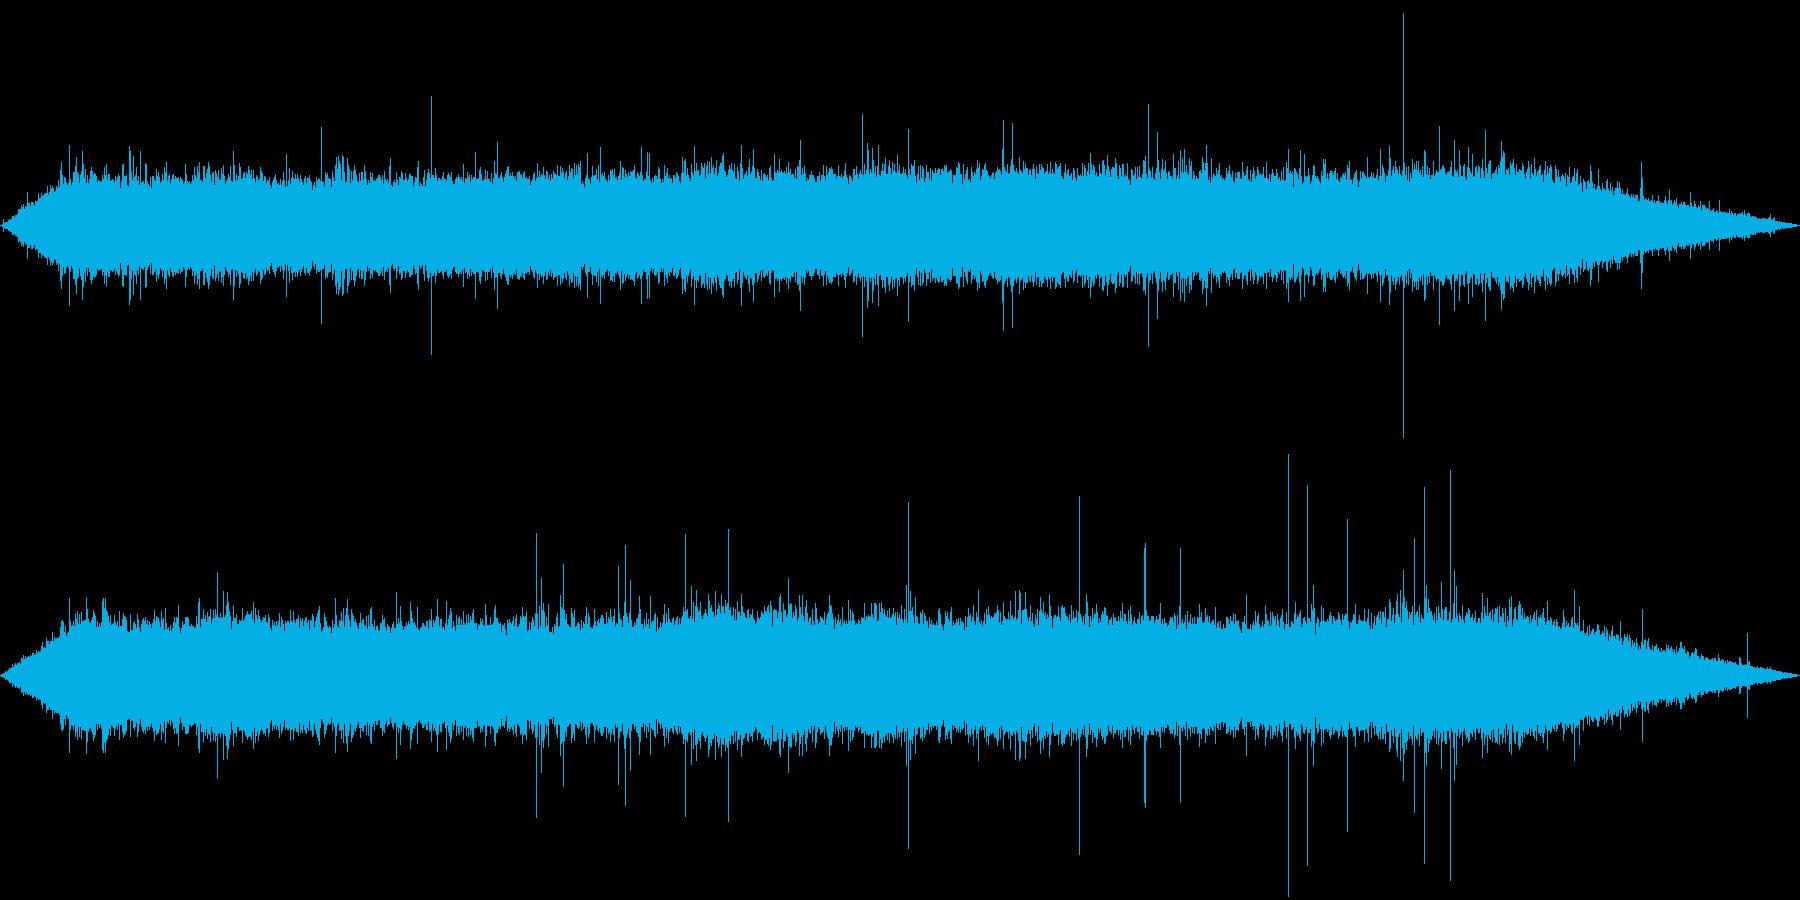 環境音-ゲリラ豪雨の再生済みの波形